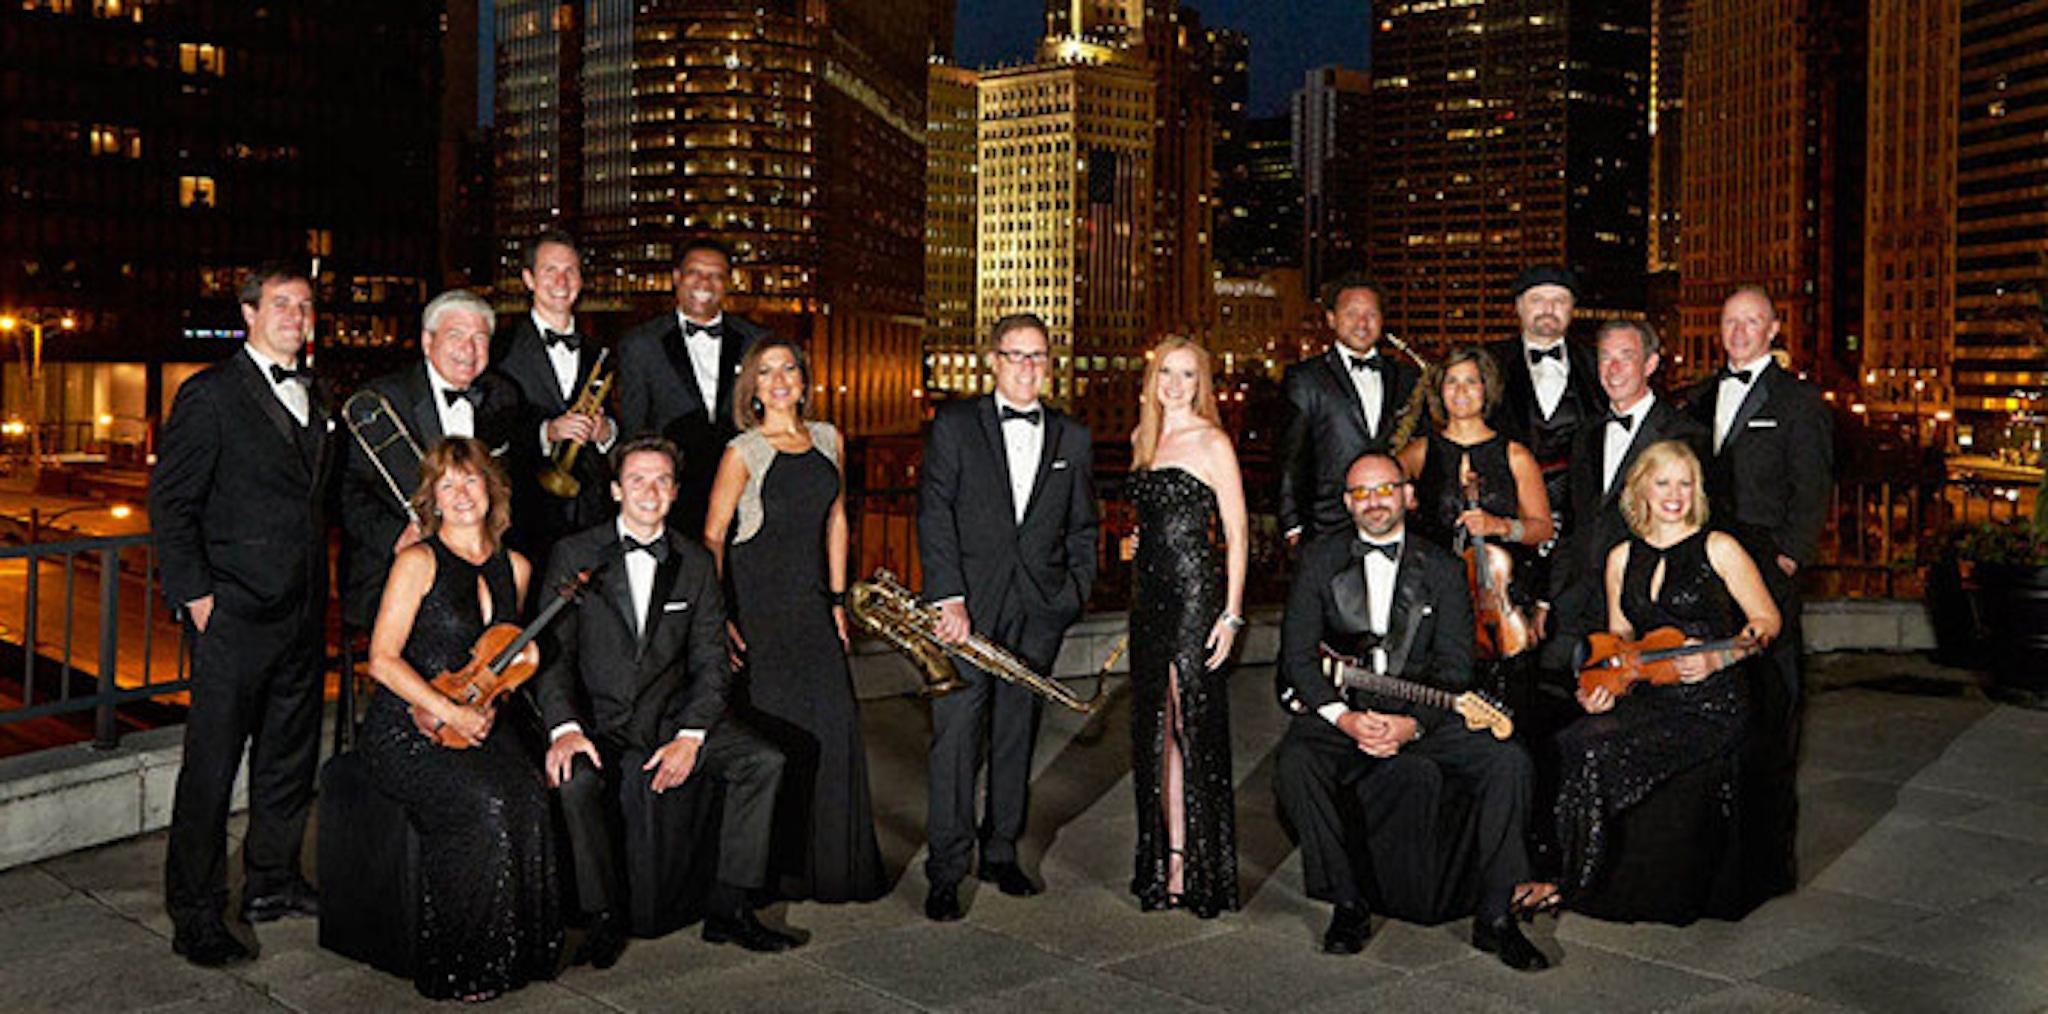 Best Chicago Wedding Bands - KEN ARLEN EVOLUTION ORCHESTRA